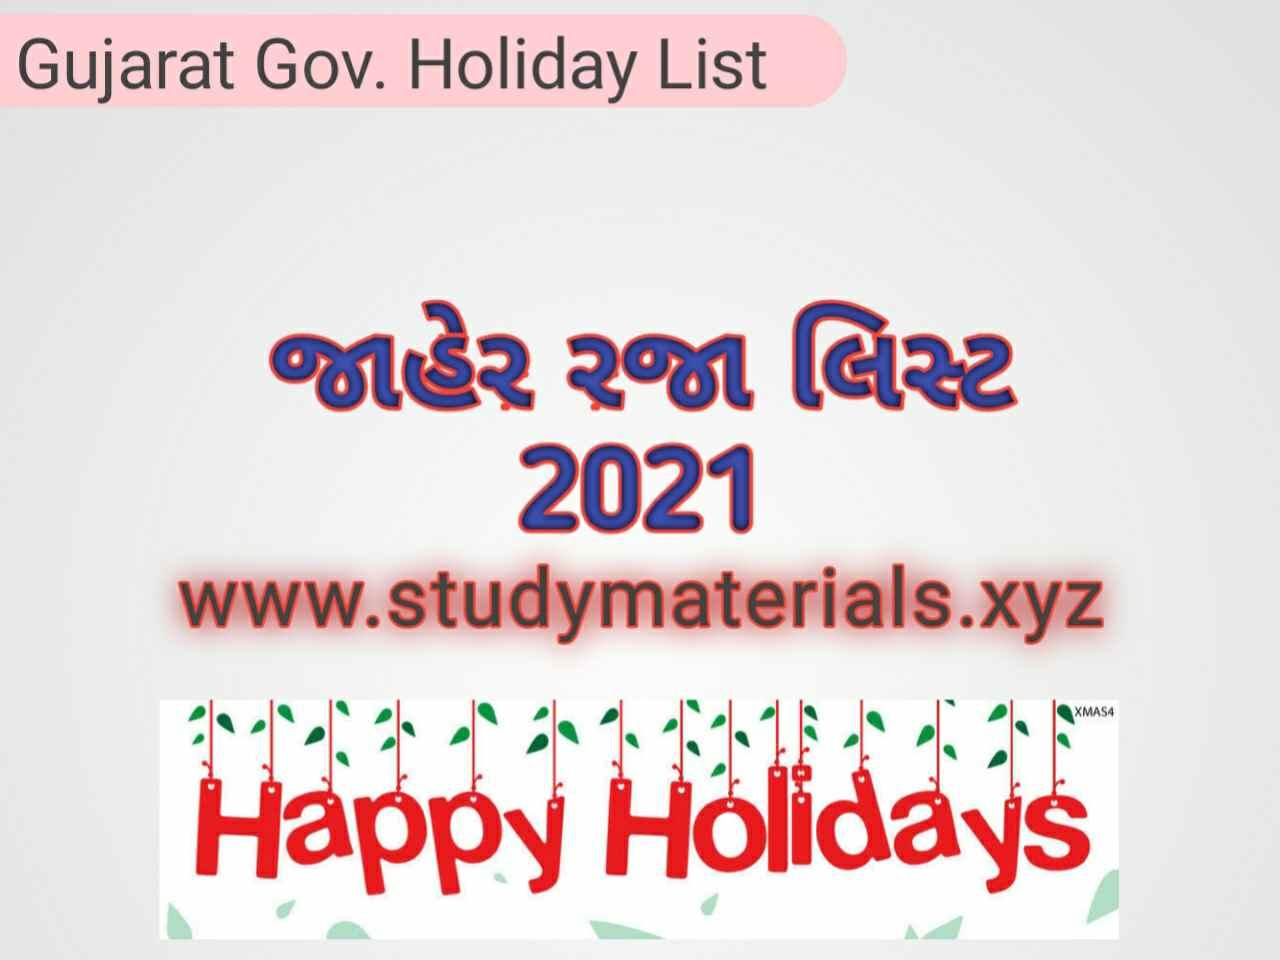 Public Holiday List 2021 gujarati